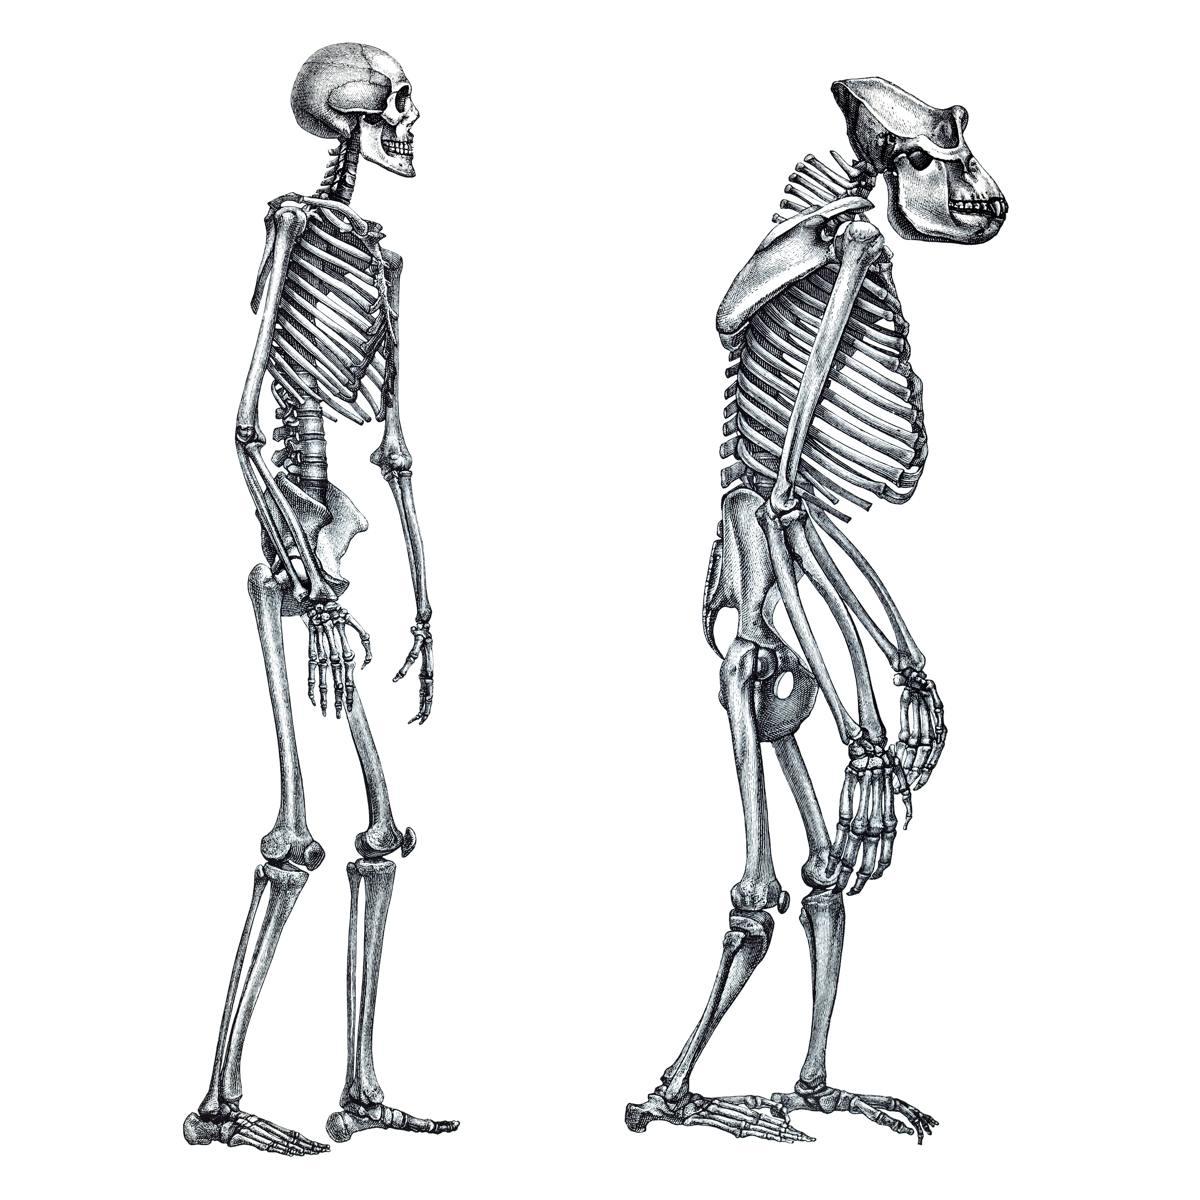 Humano comparado com gorila